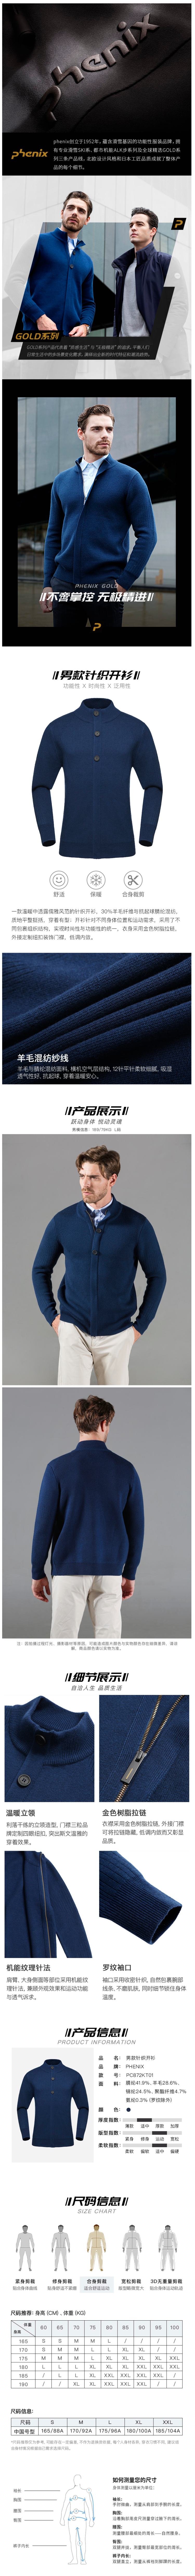 1日0点:神价格、日本顶级品牌! Phenix 羊毛混纺 男保暖抗起球针织开衫 399元(长期1529元) 买手党-买手聚集的地方